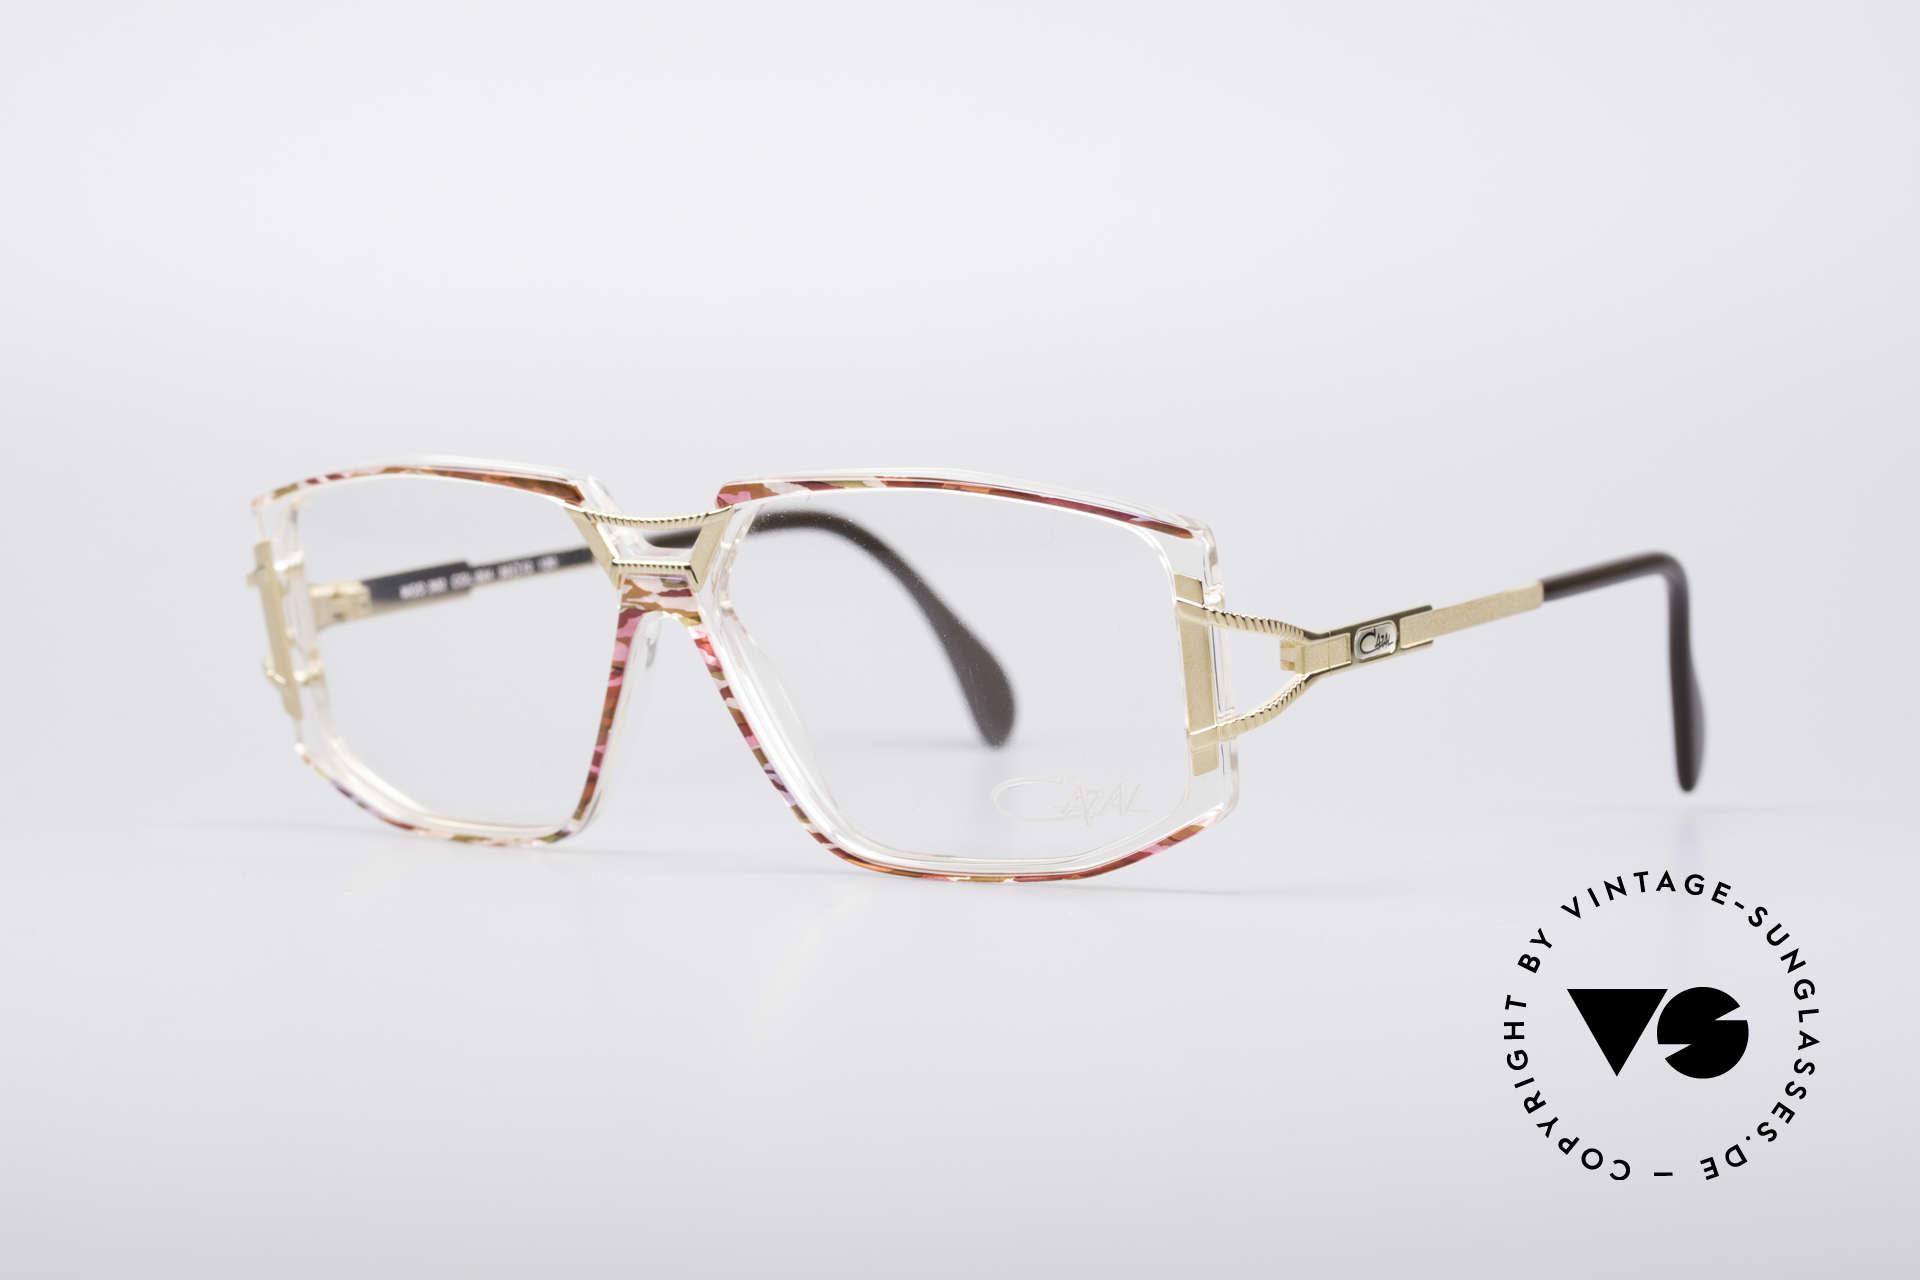 Cazal 362 No Retro 90er Vintage Brille, zauberhafte Kombination aus Materialien & Farben, Passend für Damen